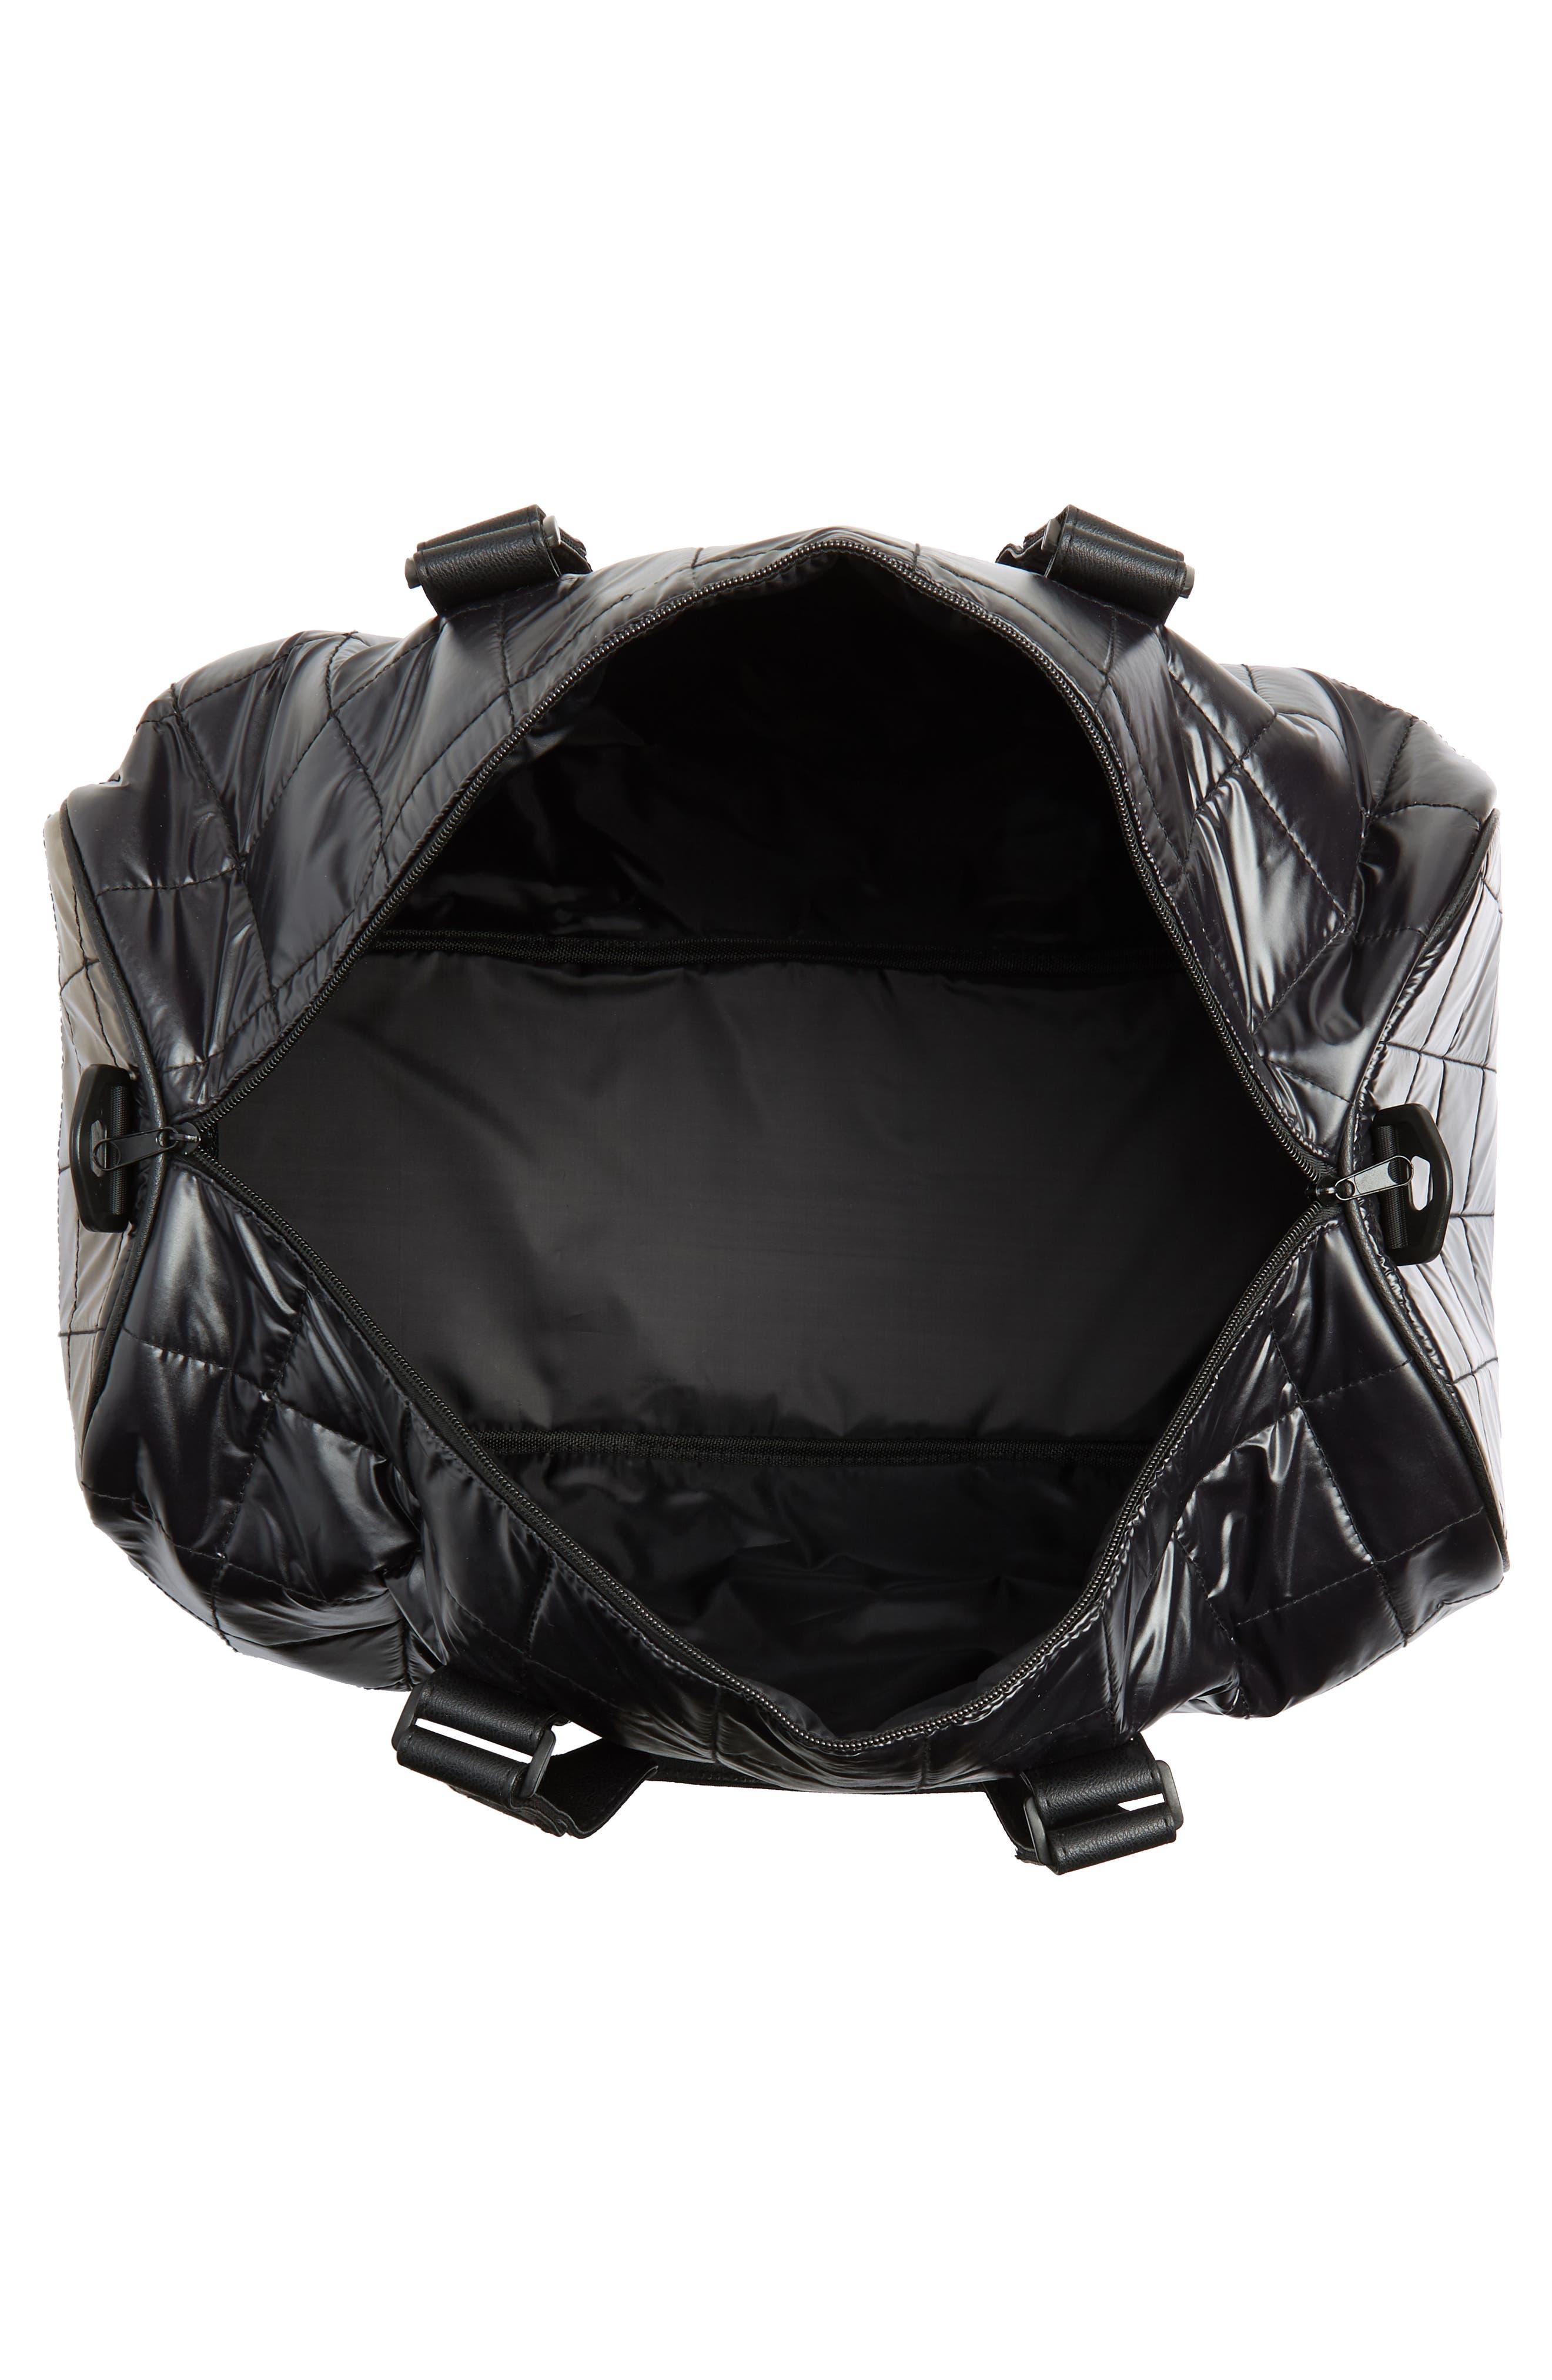 Puffer Duffel Bag,                             Alternate thumbnail 4, color,                             001